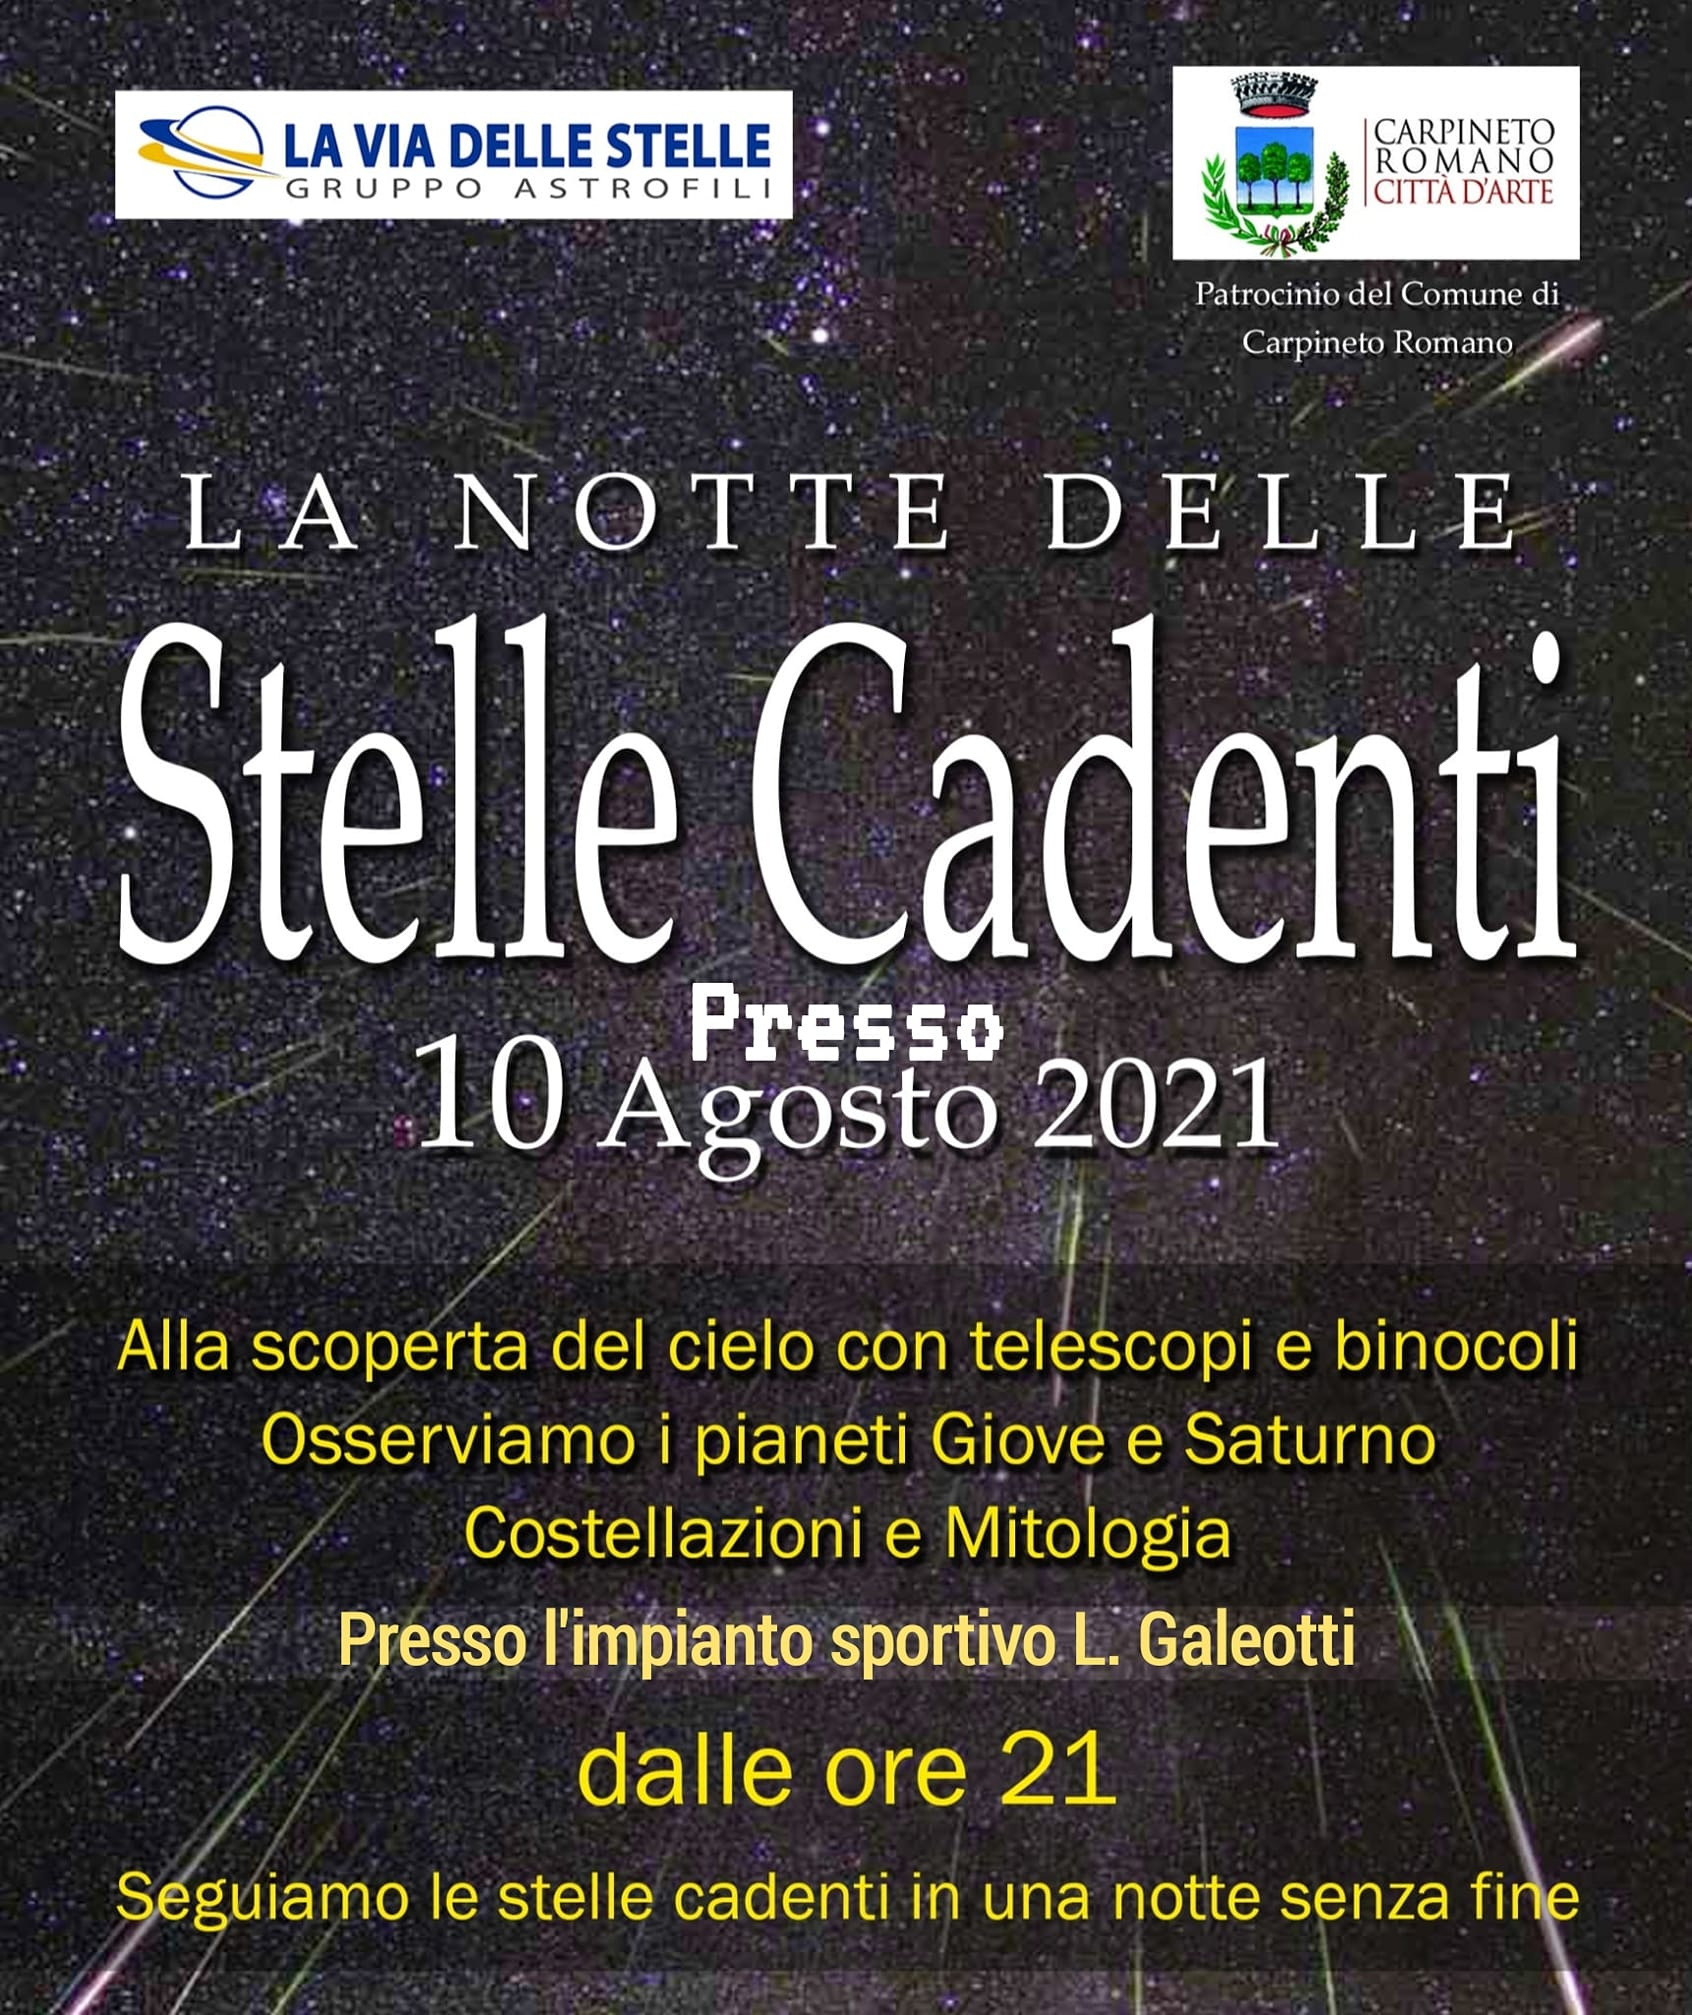 carpineto-stelle-cadenti-10-agosto-2021